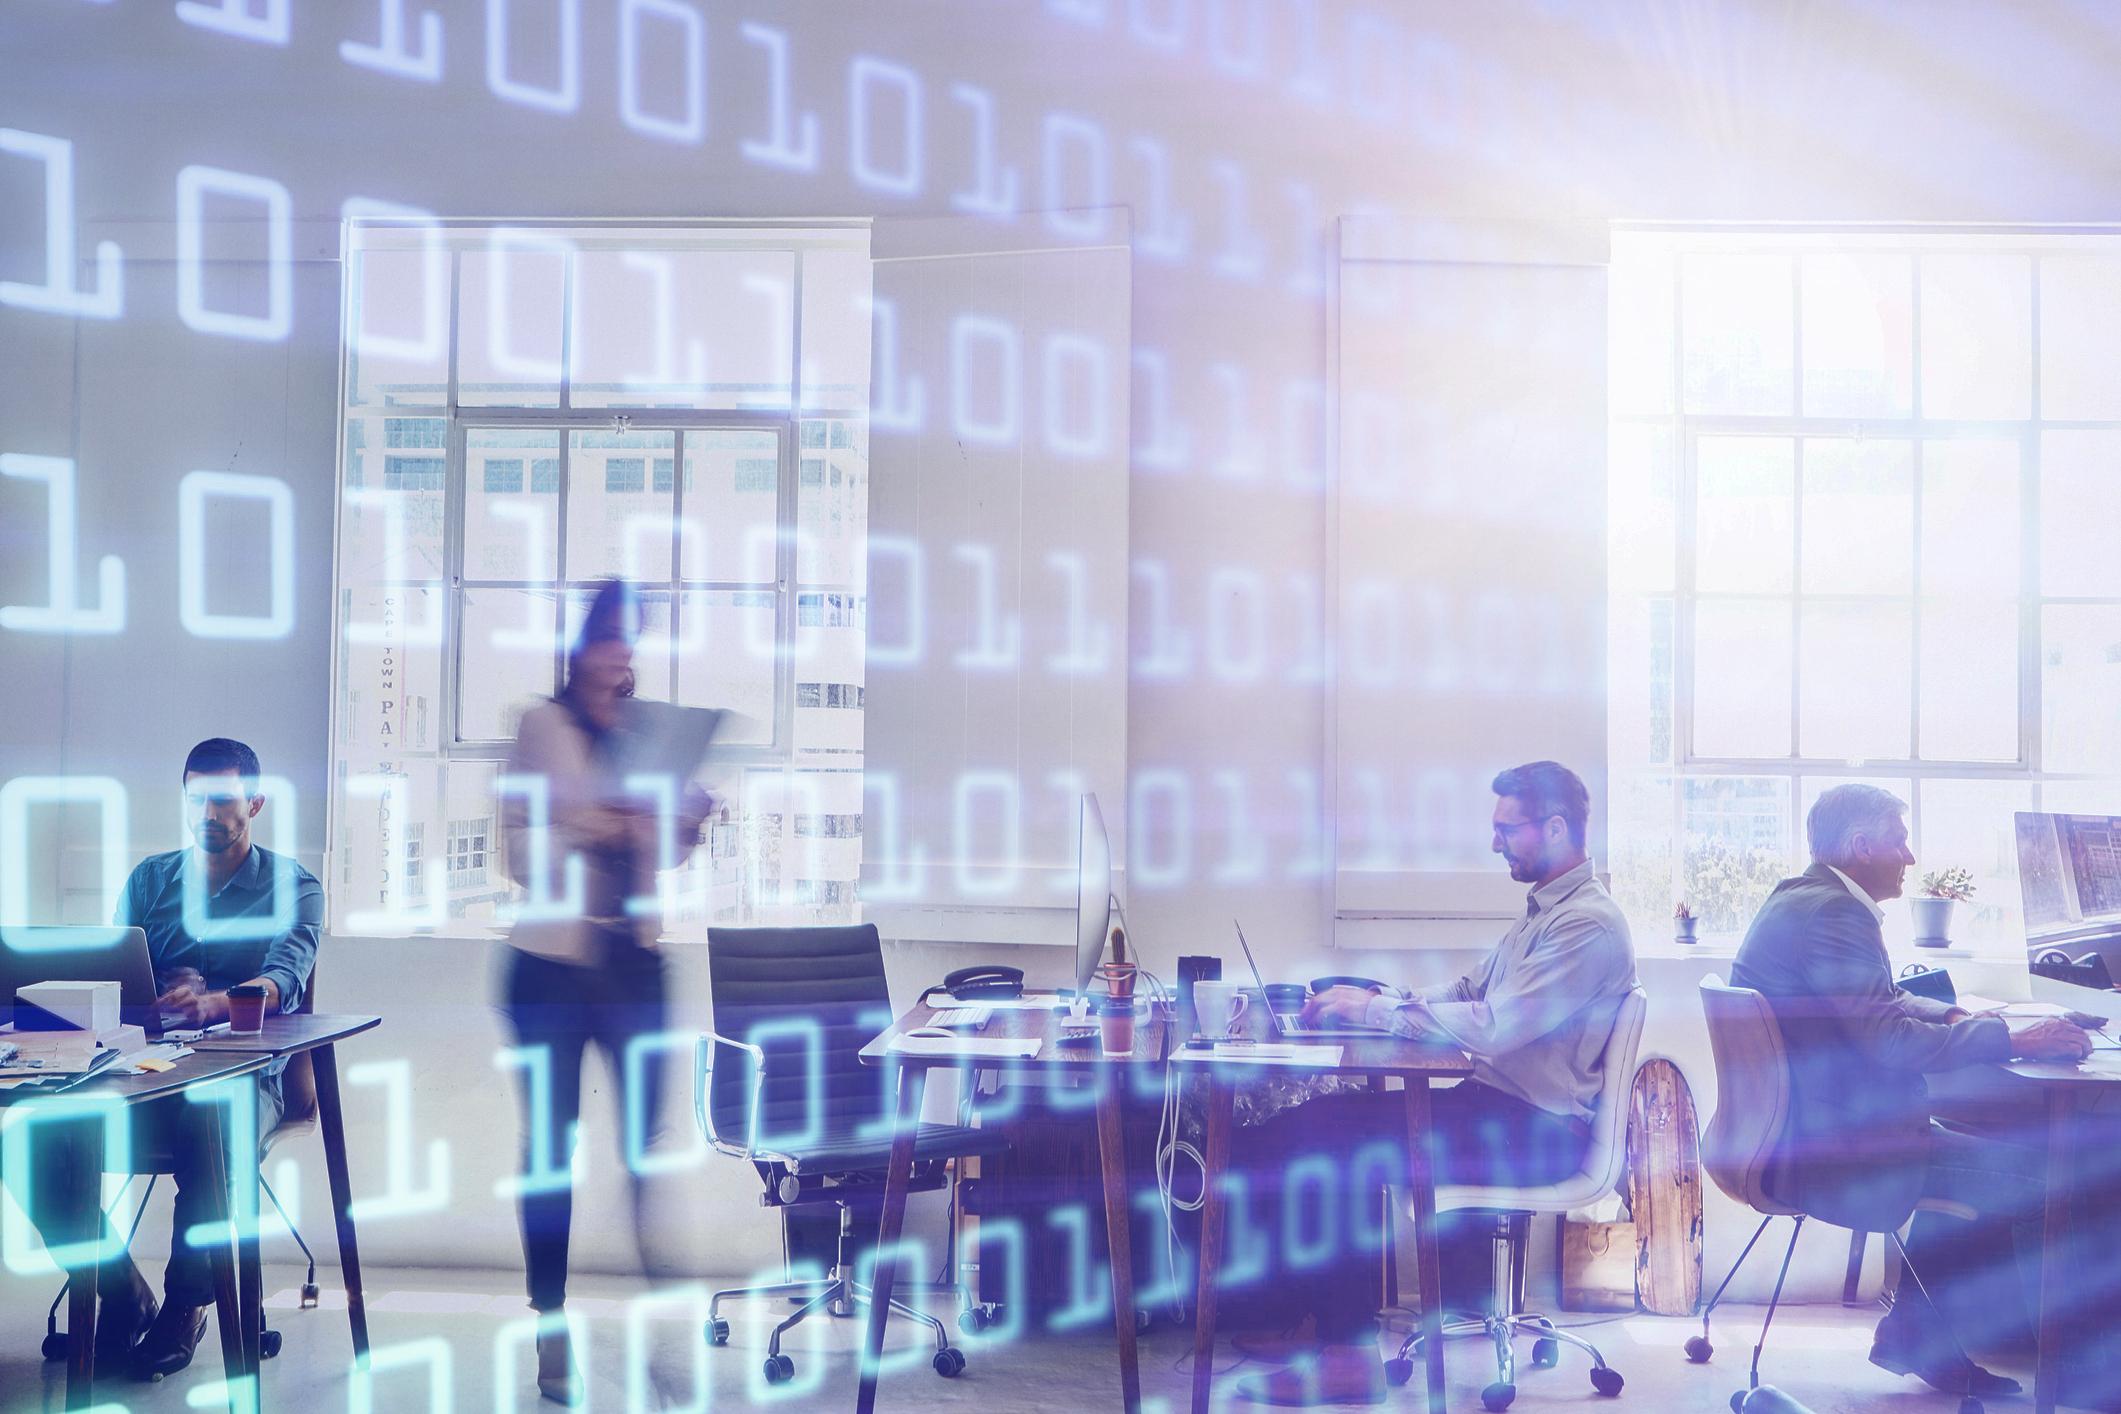 Ein Büro, in demiten mehrere Personen an Computern arbeiten